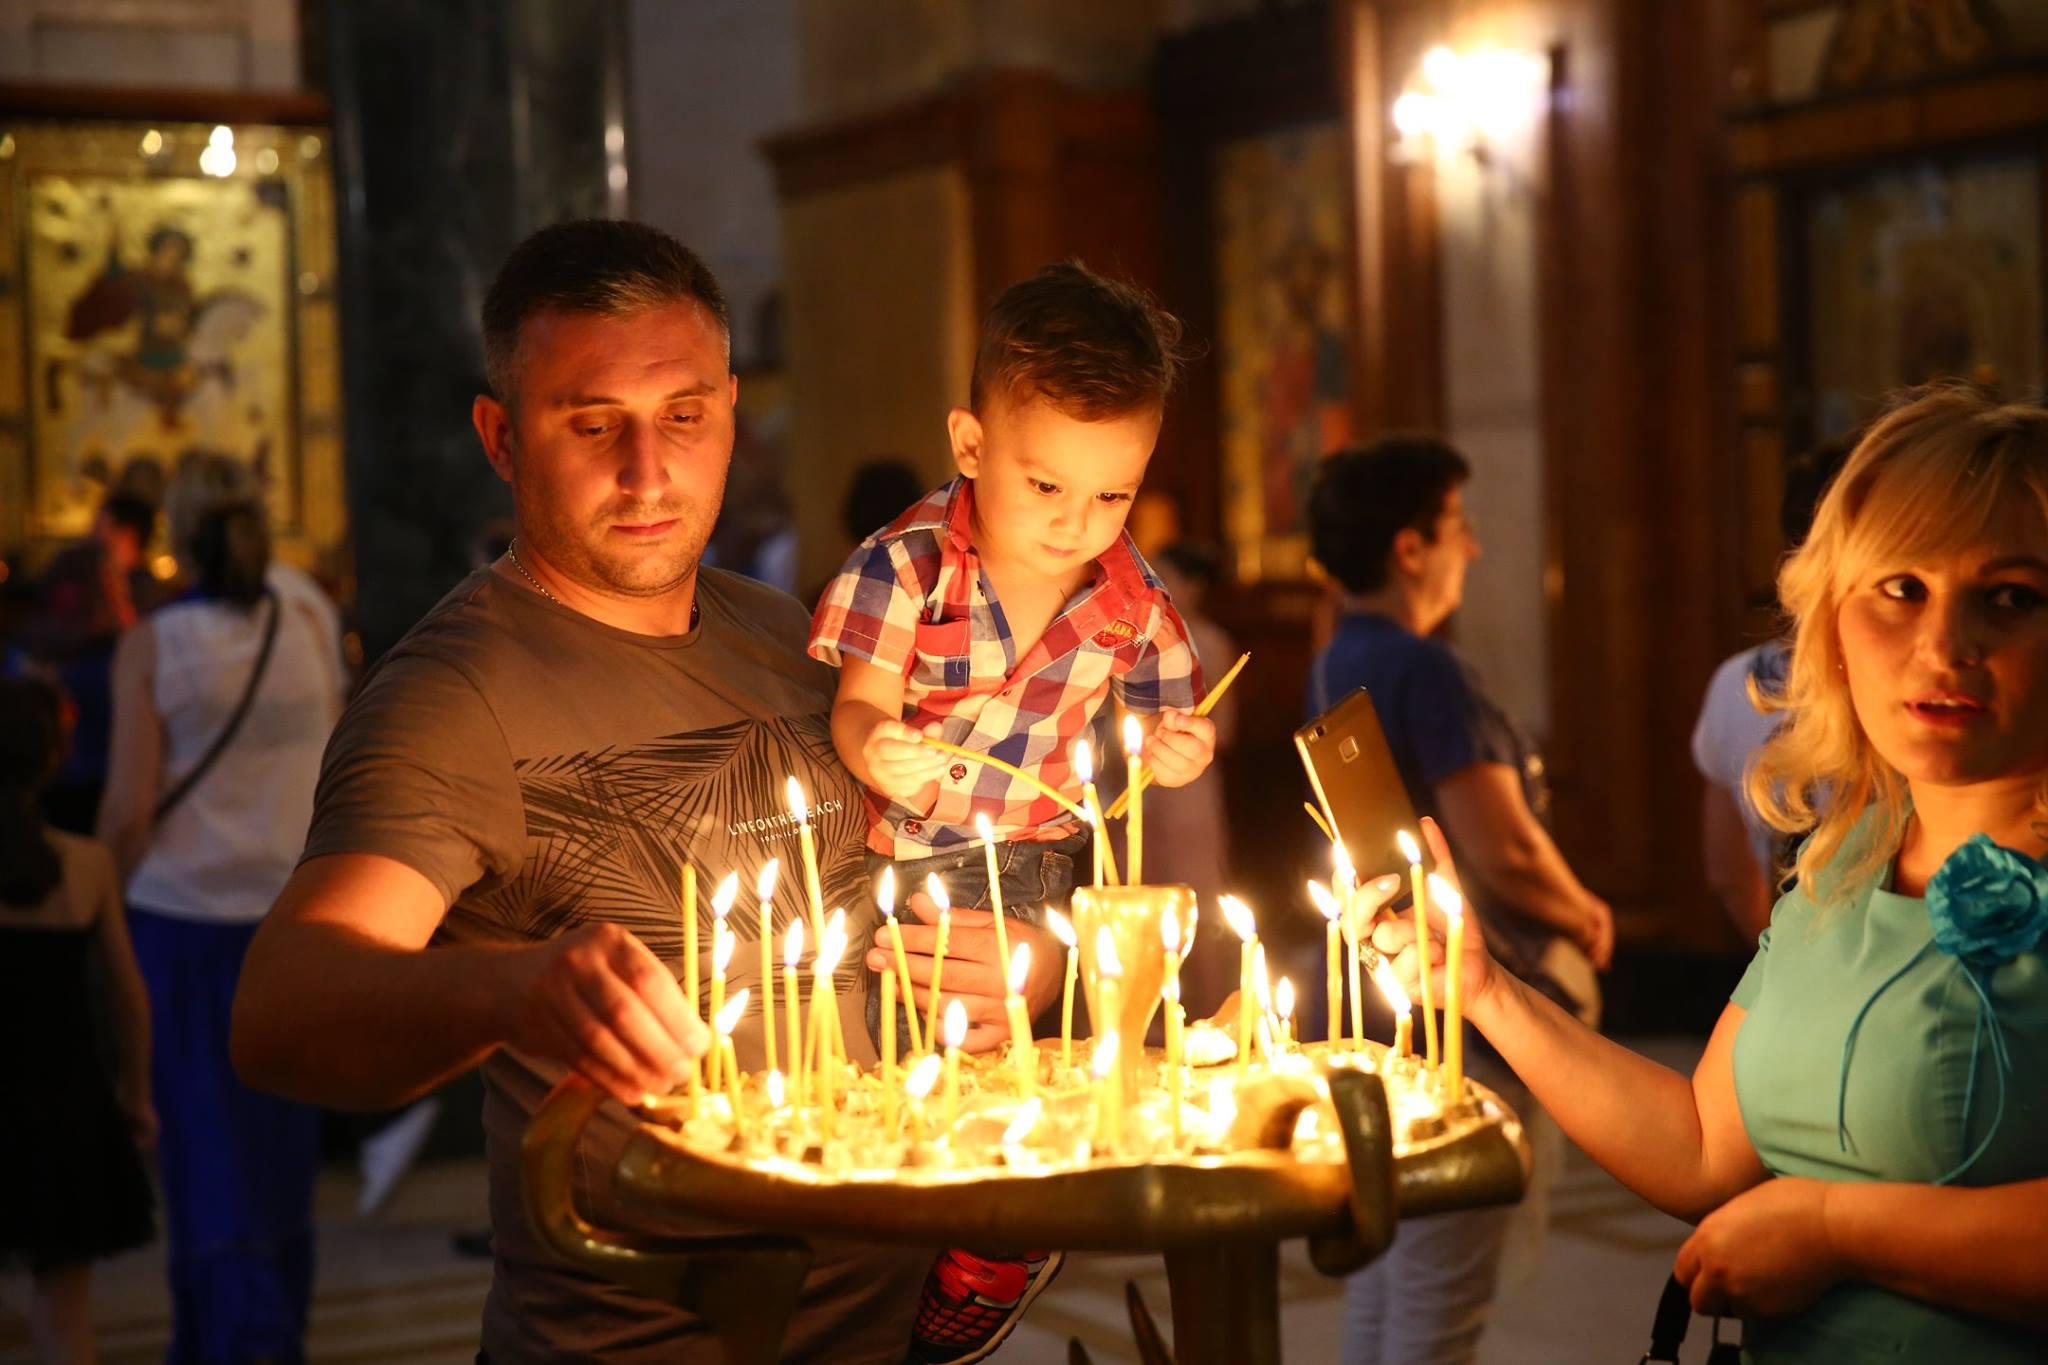 Church #новости Георгий Гахария, Грузинская Православная Церковь, коронавирус, коронавирус в Грузии, Патриархия Грузии